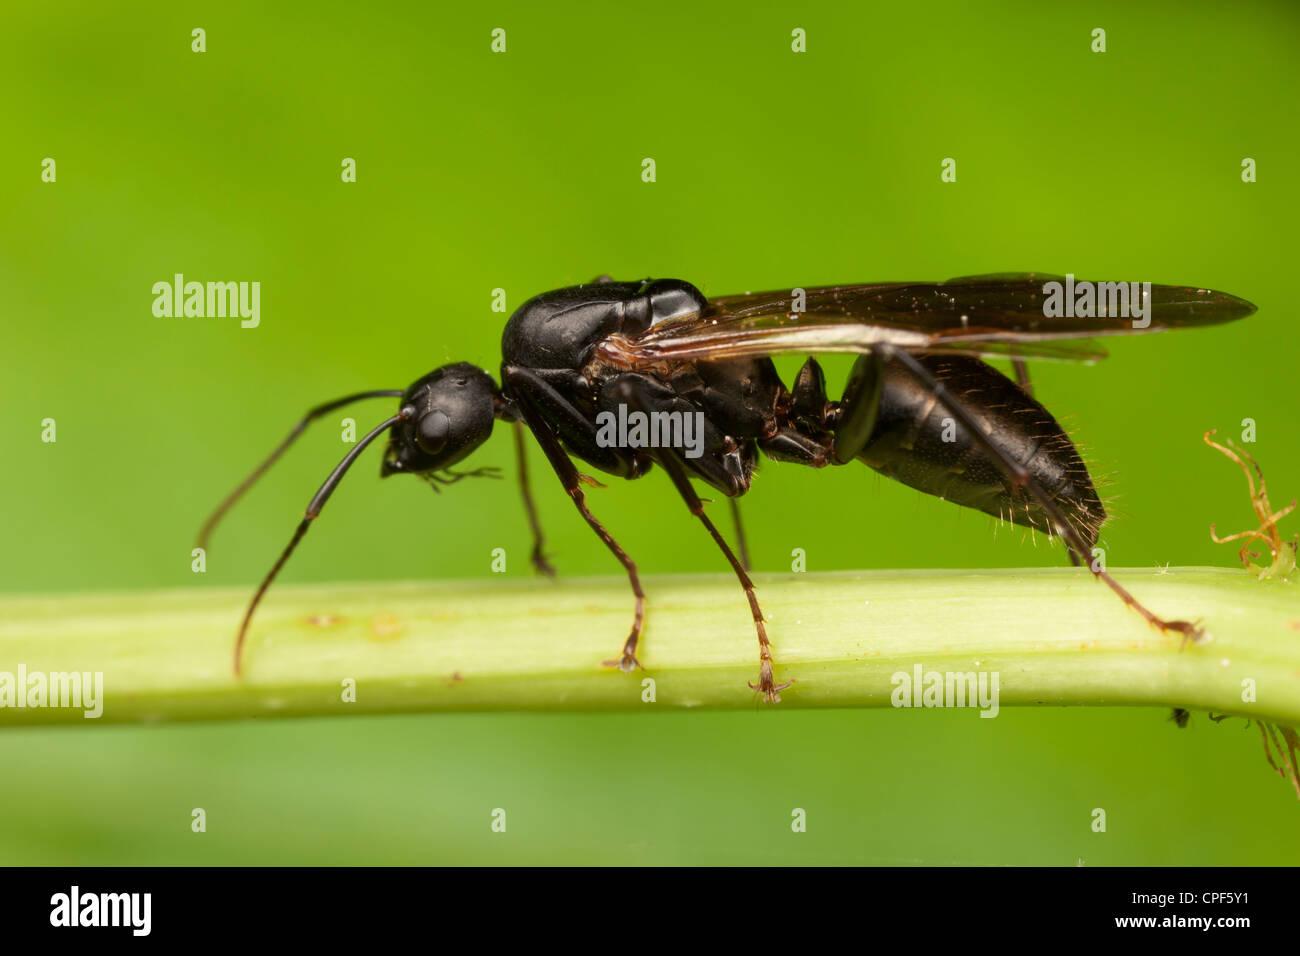 A queen Black Carpenter Ant (Camponotus pennsylvanicus ...